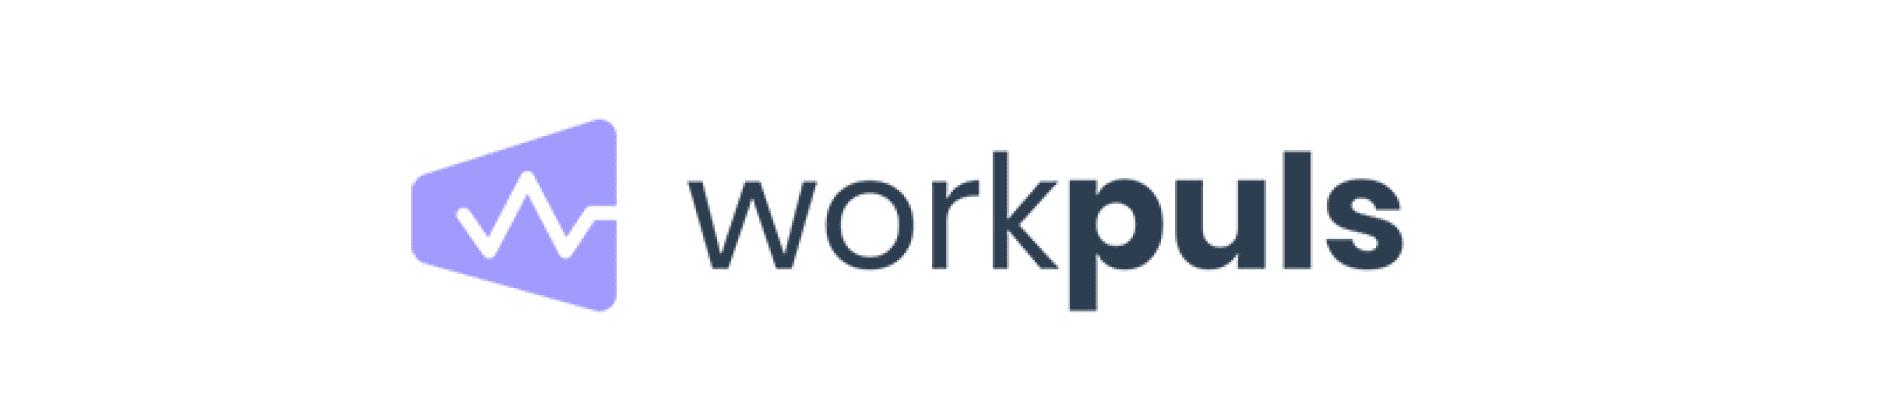 Workpuls Türkiye